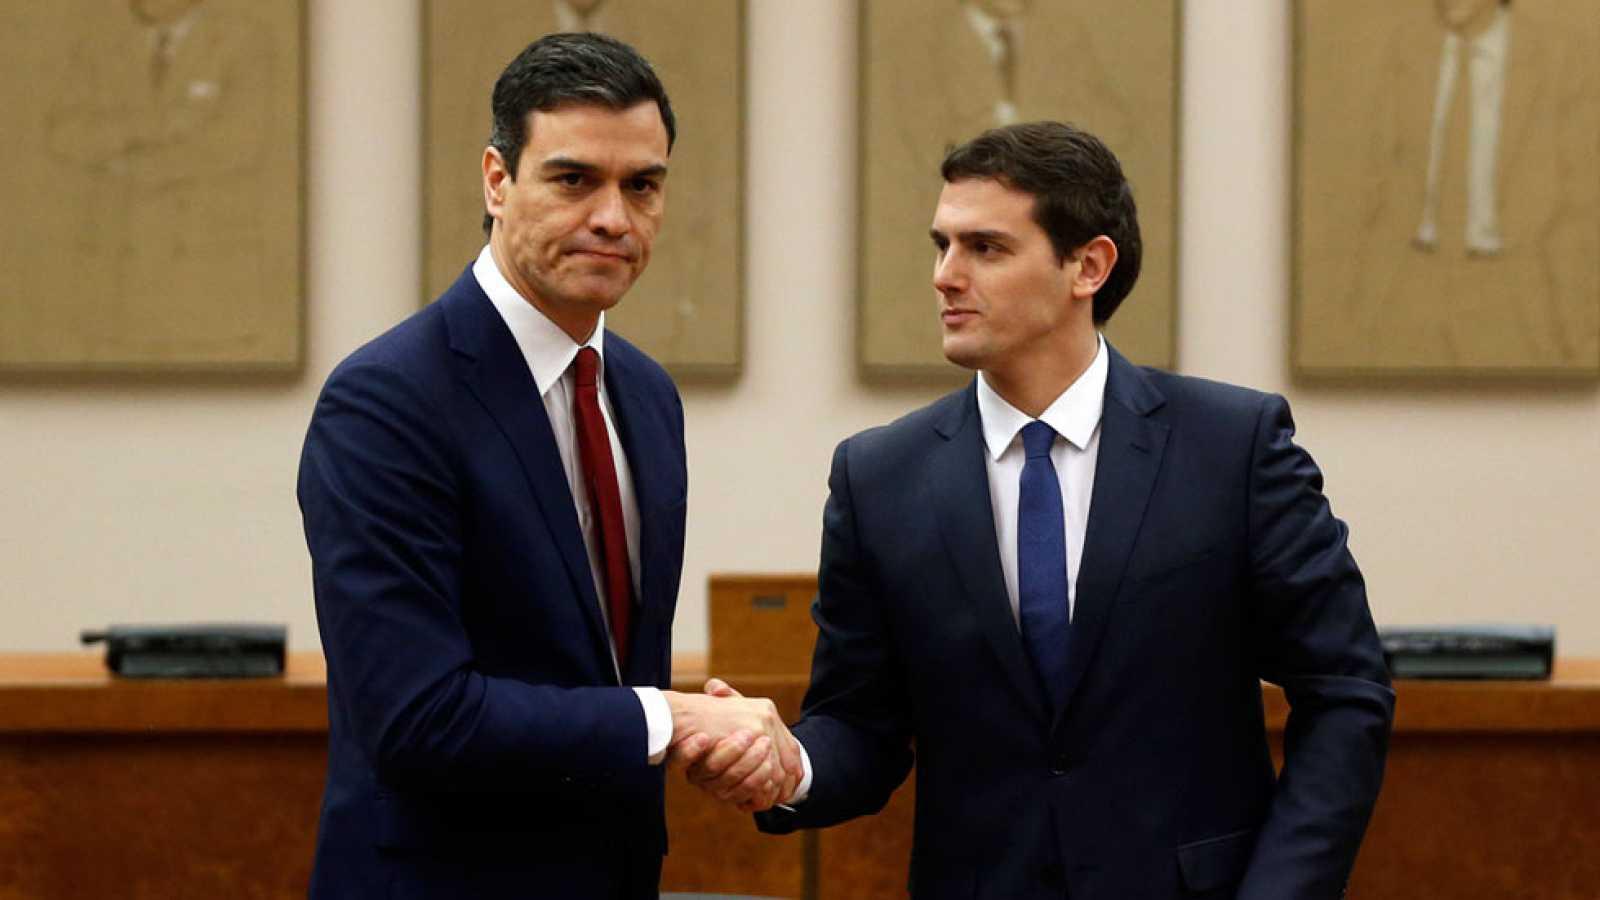 La negativa al bloqueo de Miquel Iceta como senador pone el solfa todas las negativas de Albert Ribera de pactar con Pedro Sánchez